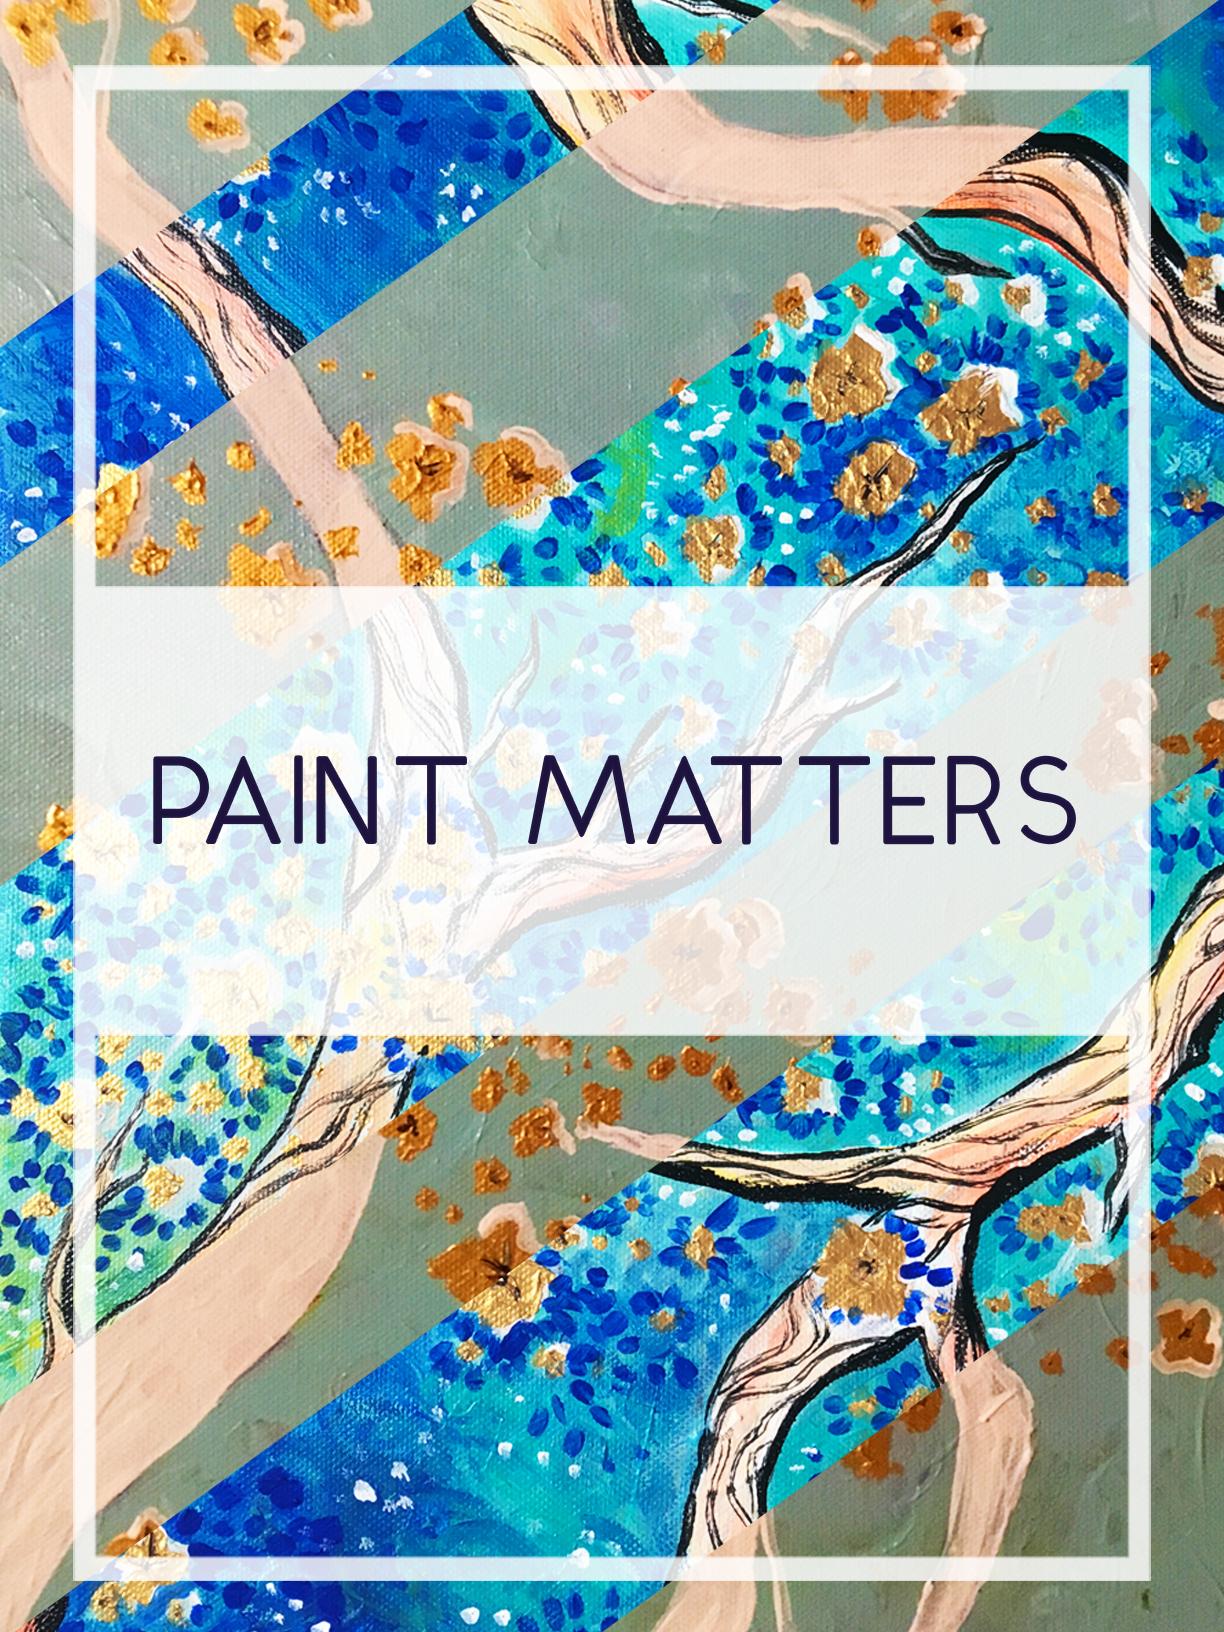 Paint-Matters-Header.jpg